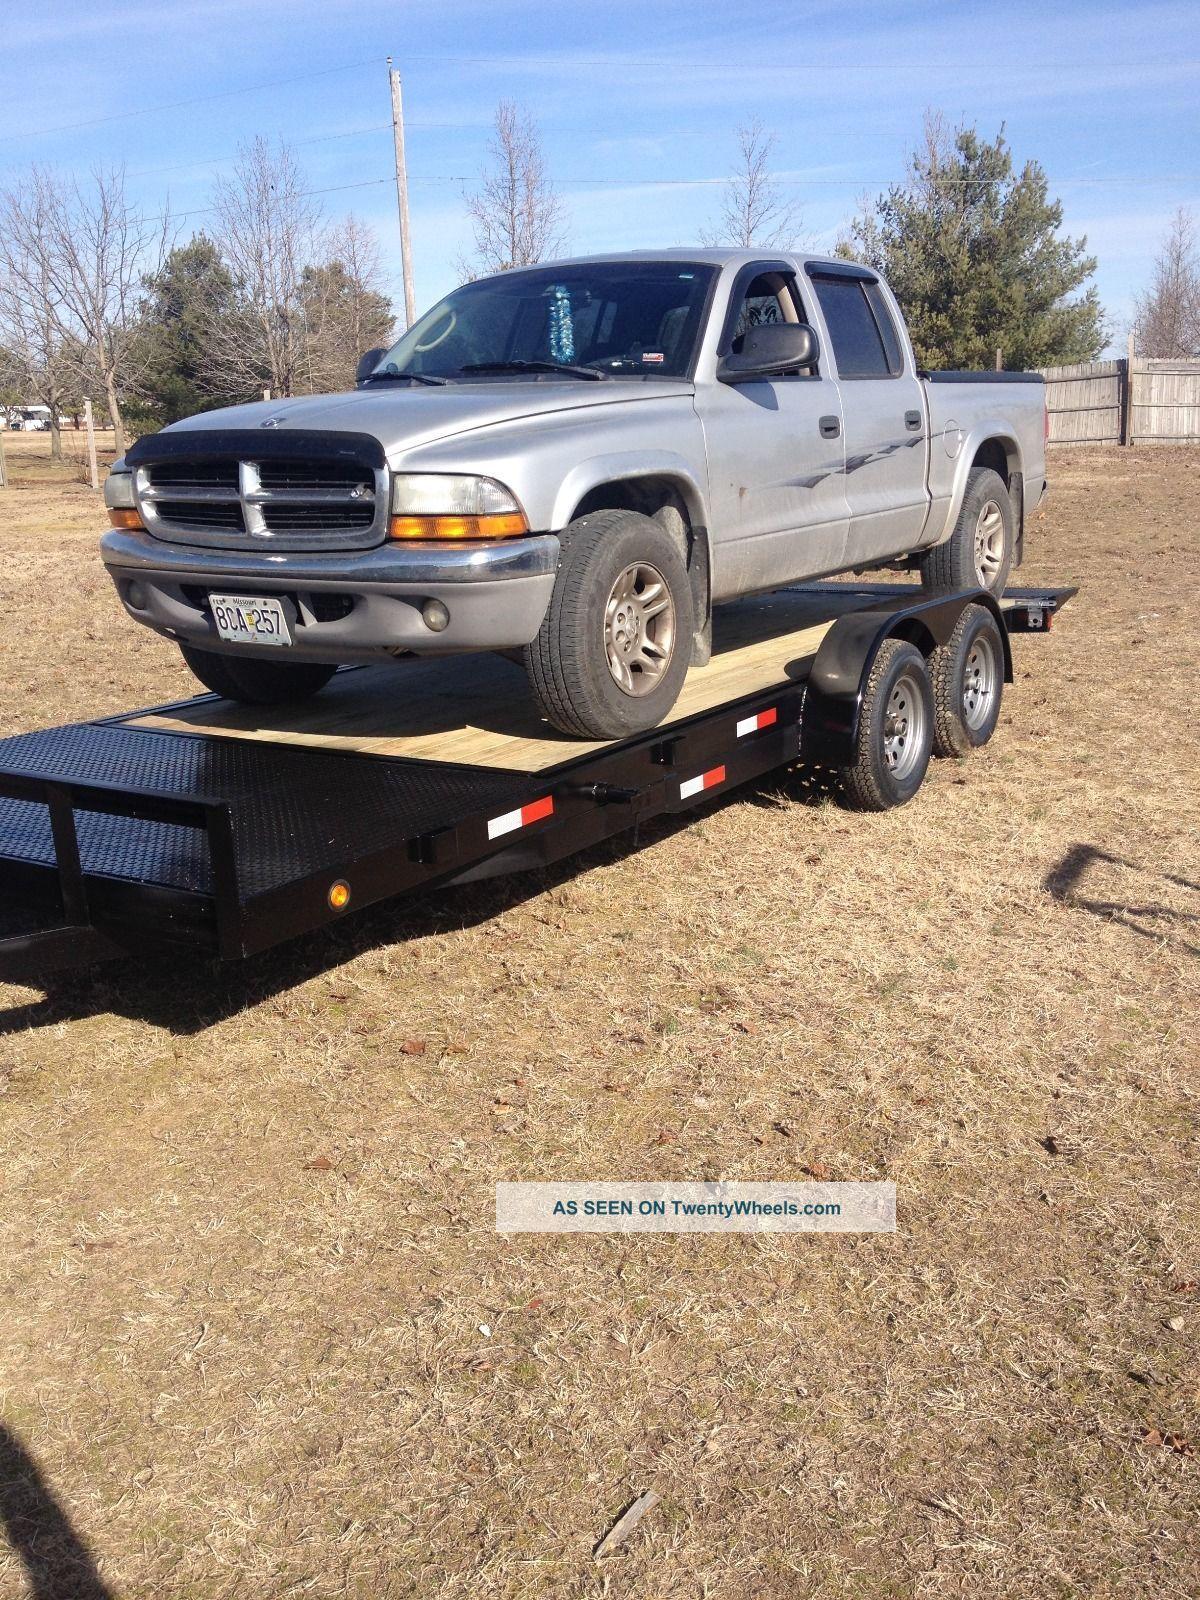 Lift Bed Trailer : K tilt bed splitdeck car or equipment trailer